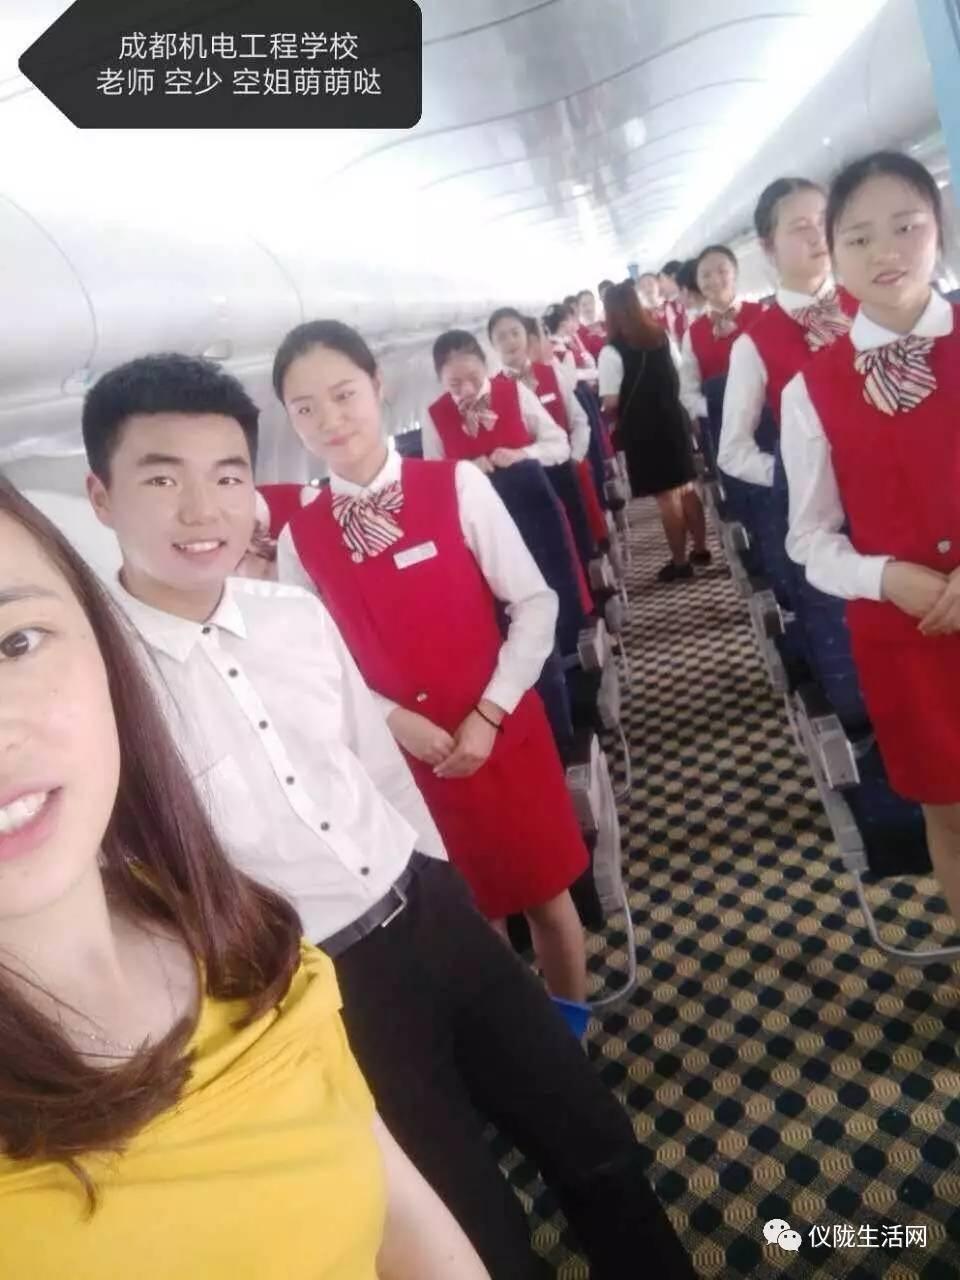 高中生入学教育视频_喜讯:成都高铁航空学校来仪陇特招初高中生了,毕业直